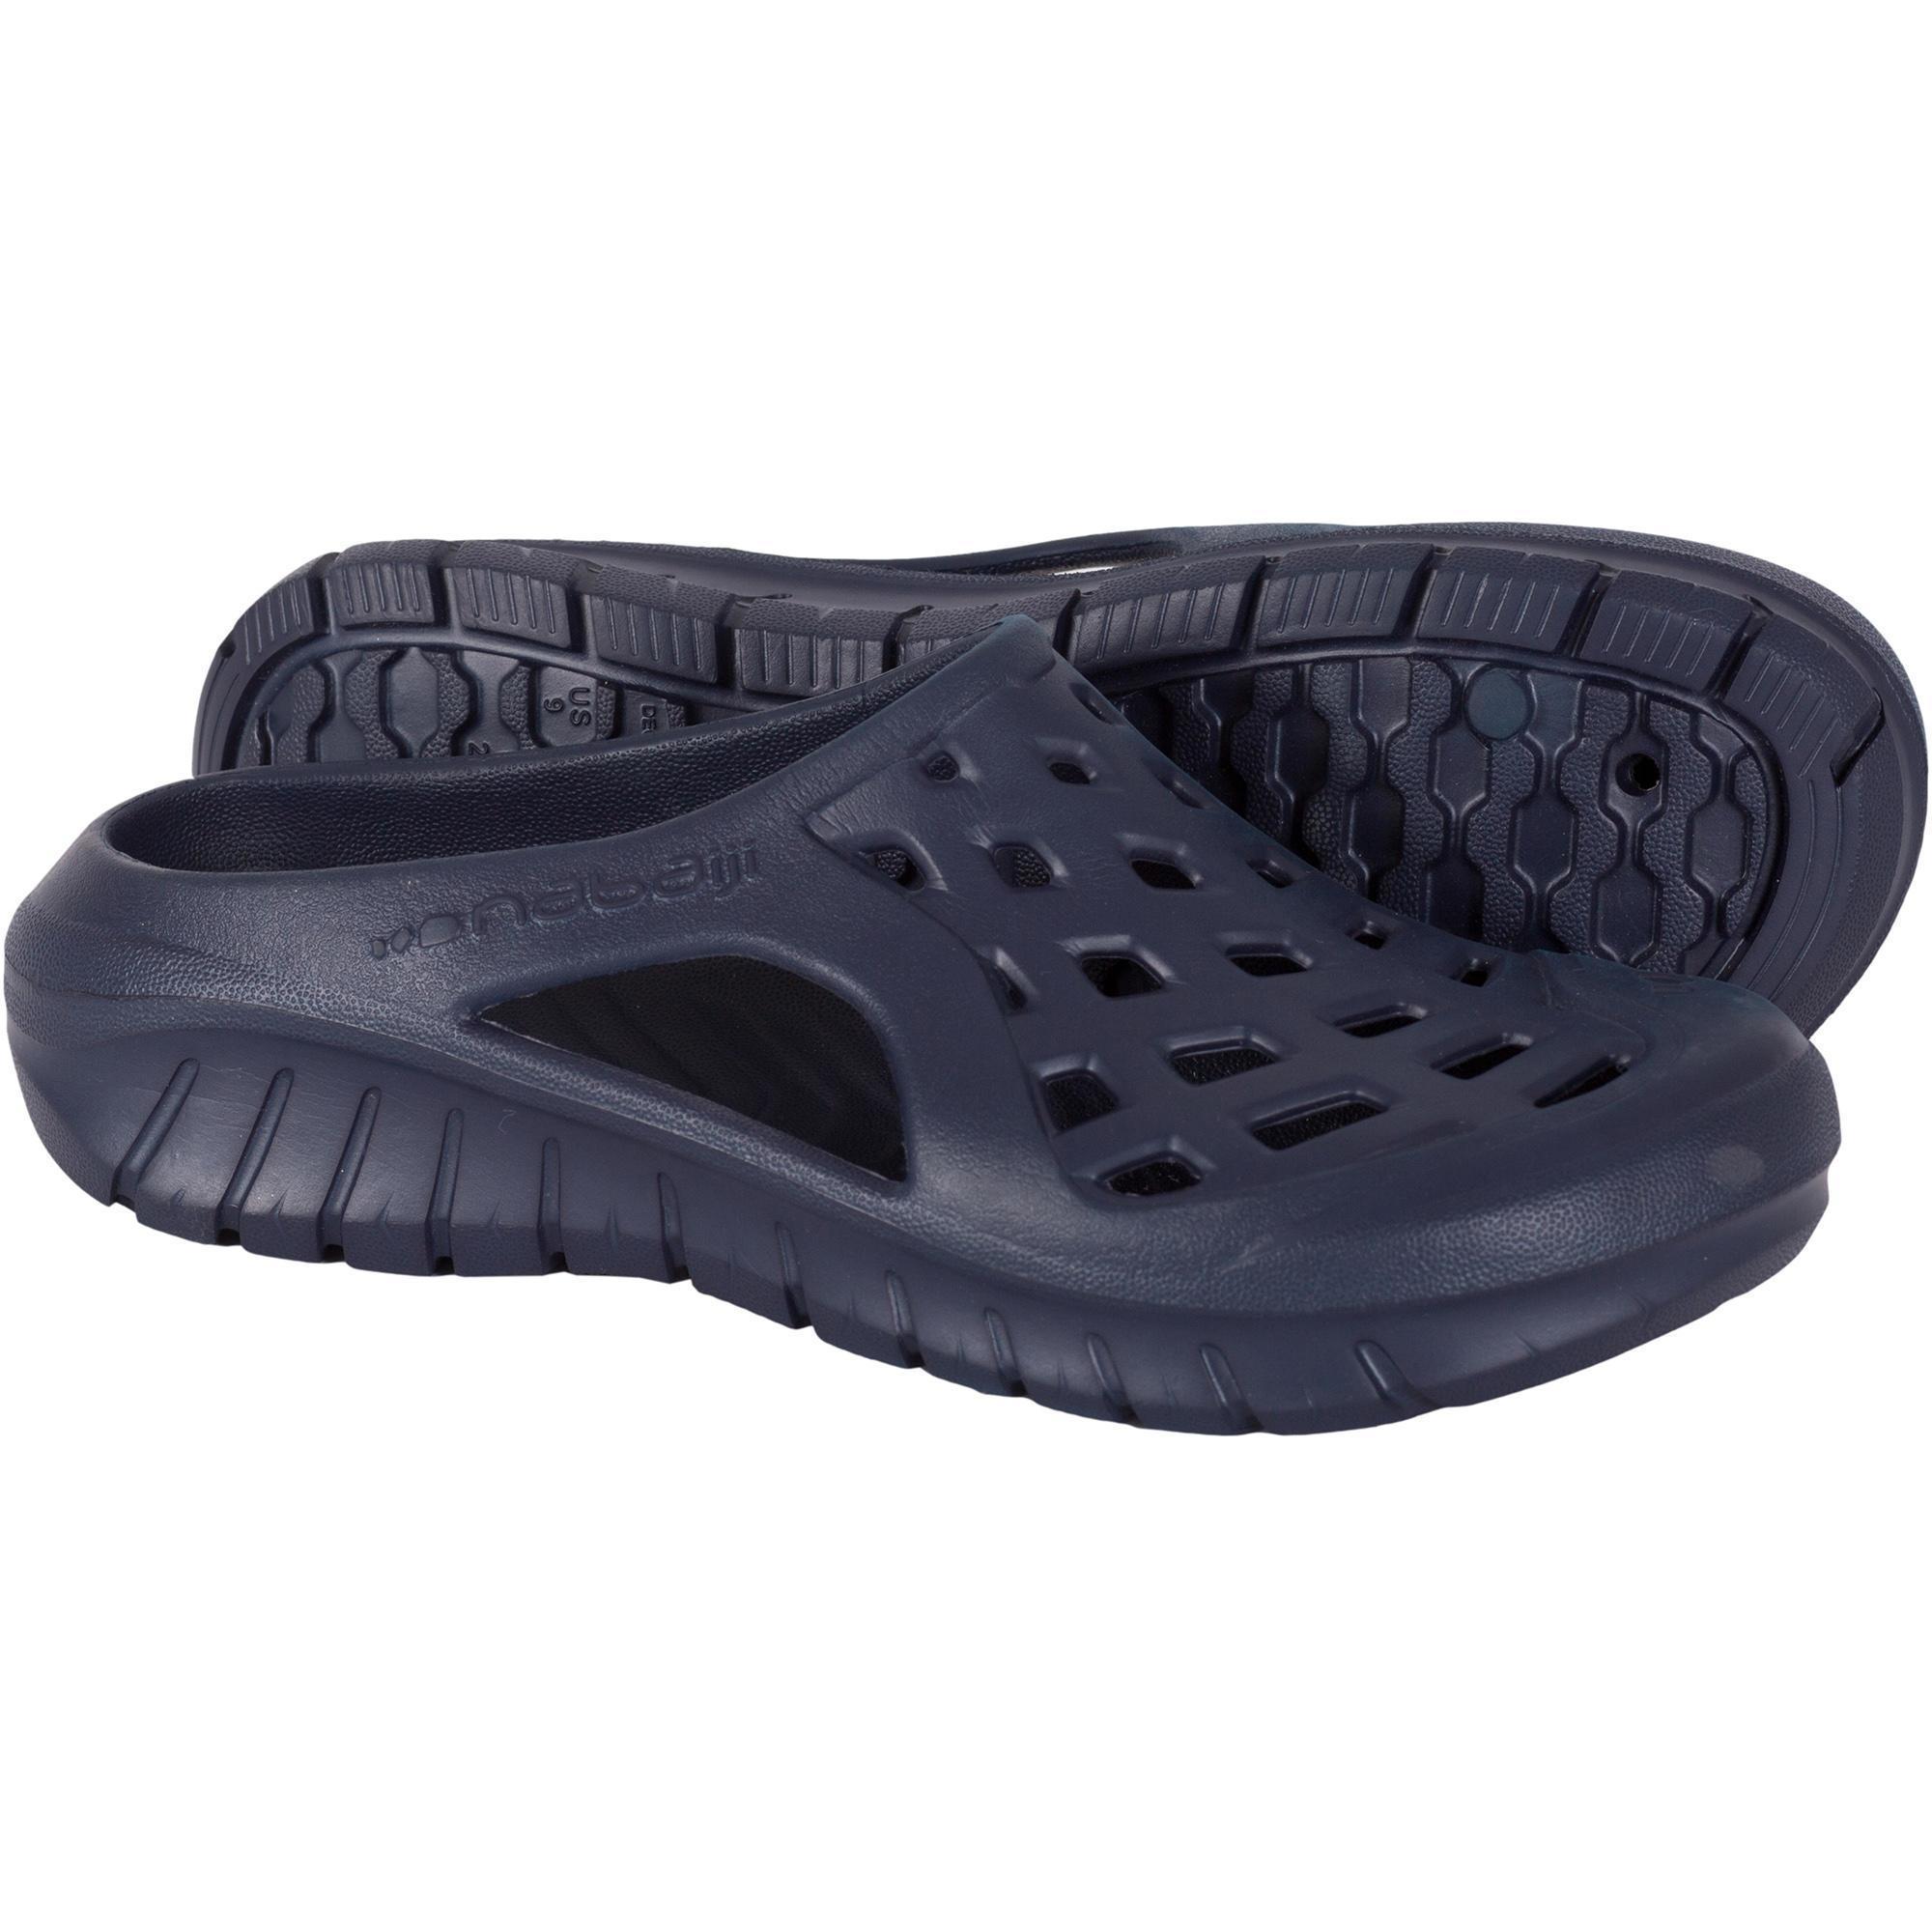 Bade-Clogs 100 Herren marineblau | Schuhe > Clogs & Pantoletten > Clogs | Nabaiji